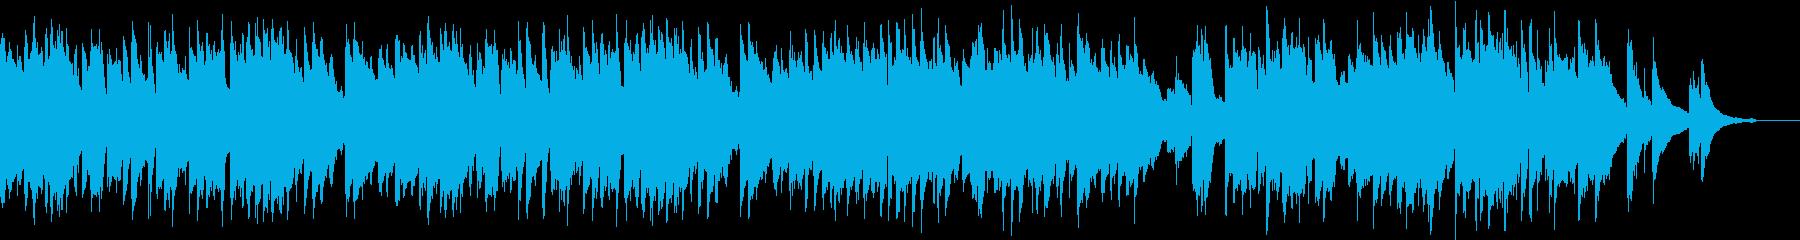 スキップしたくなるような明るいピアノ曲の再生済みの波形